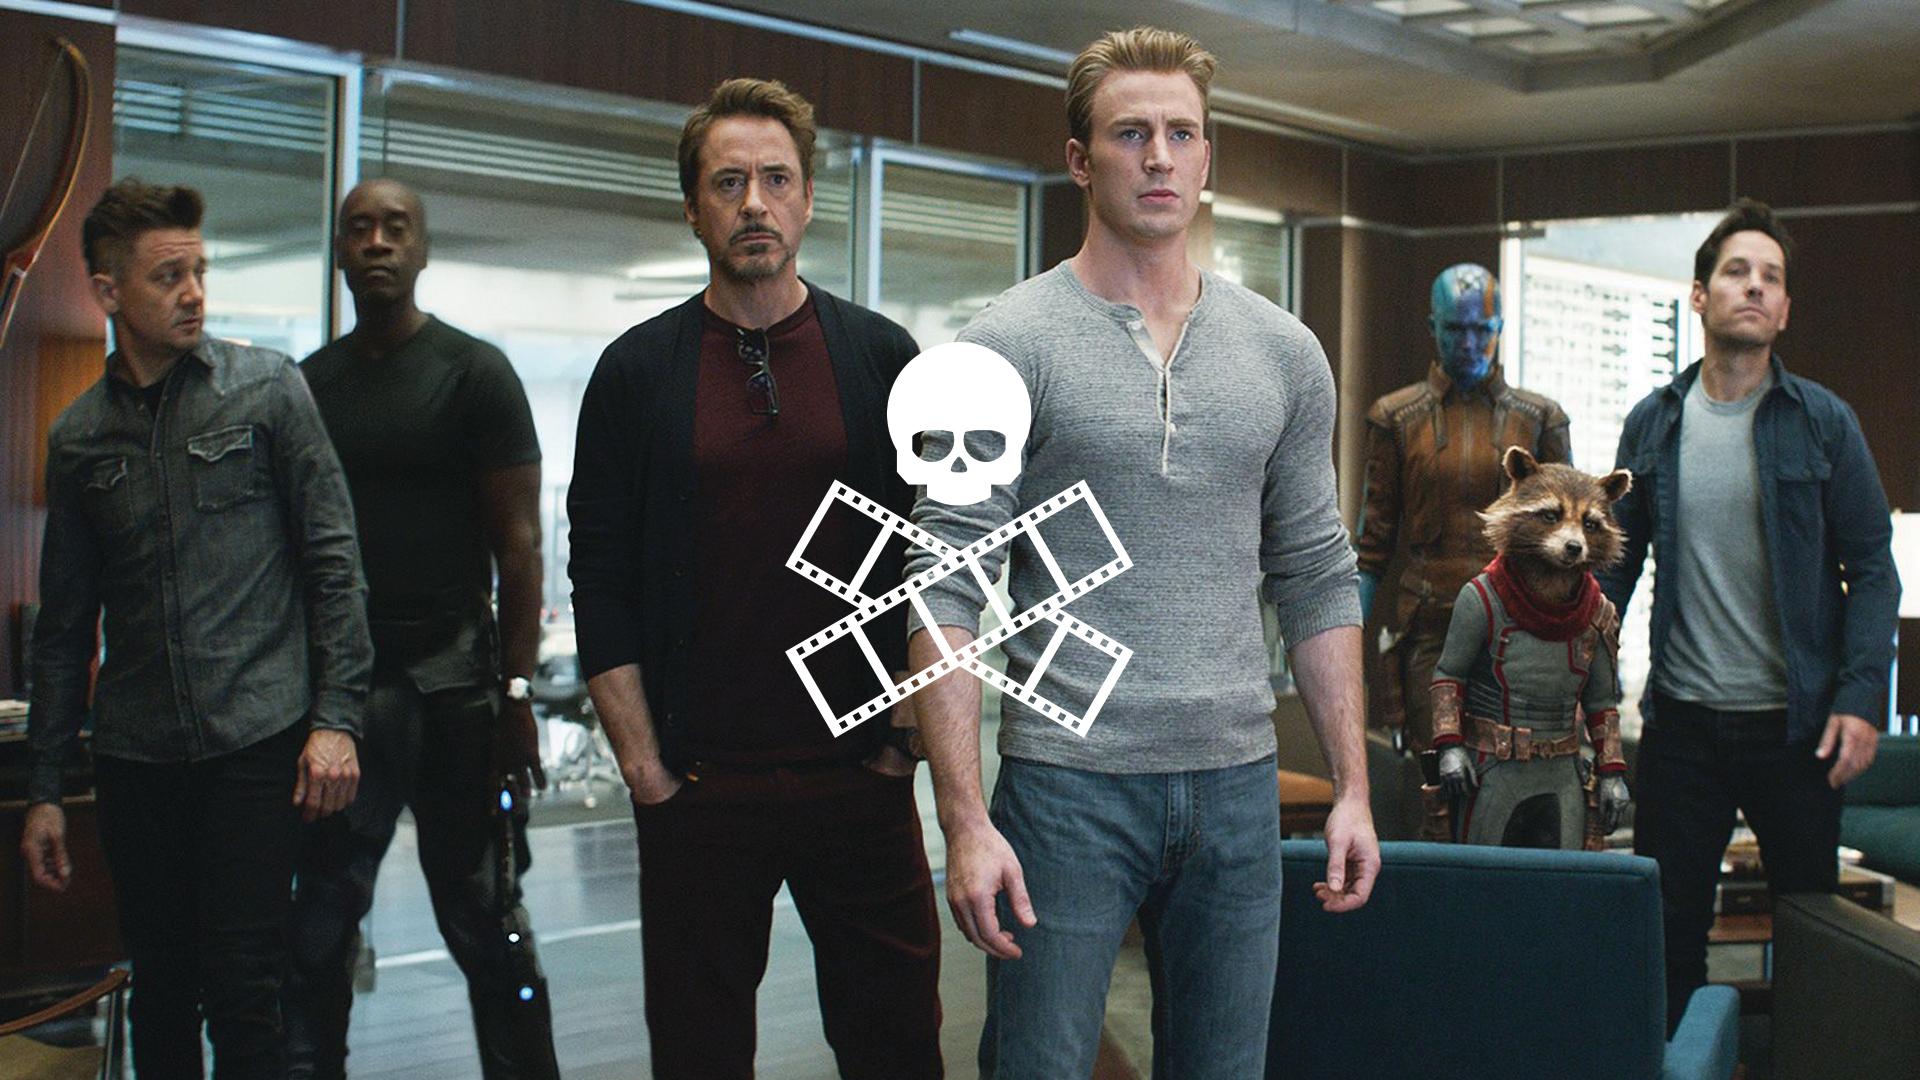 142. Avengers: Endgame